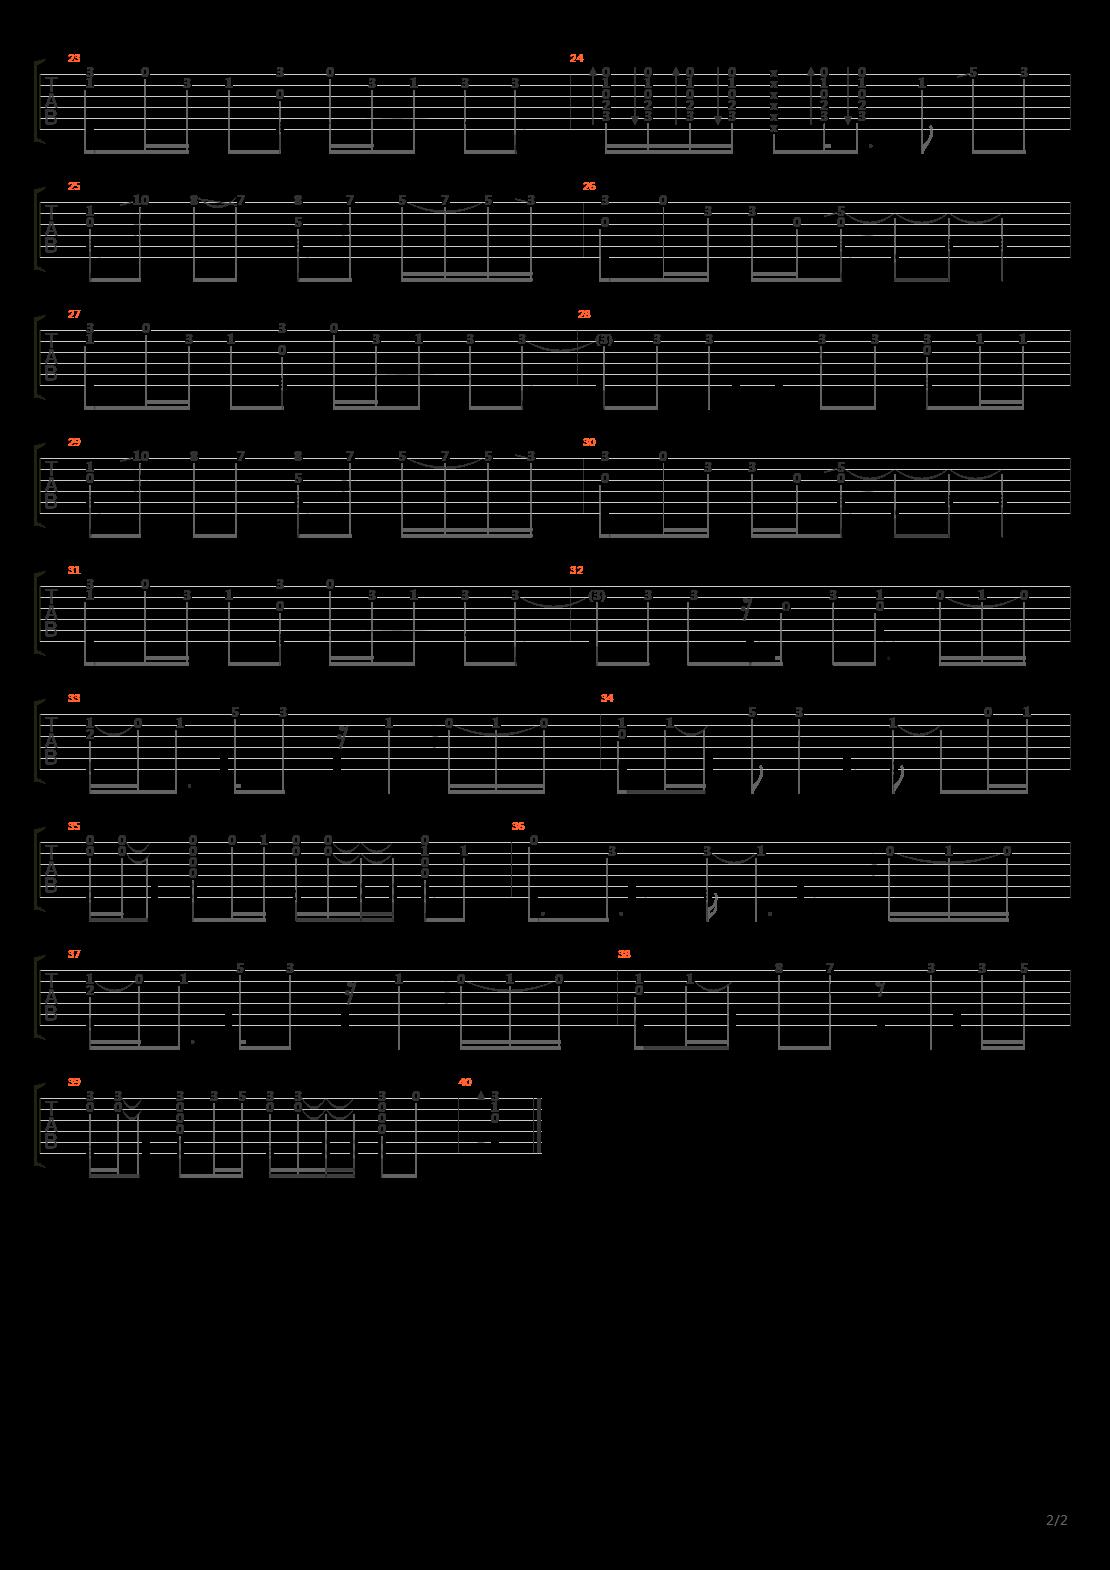 火影忍者OP20 - カラノココロ(彩色的心)吉他谱